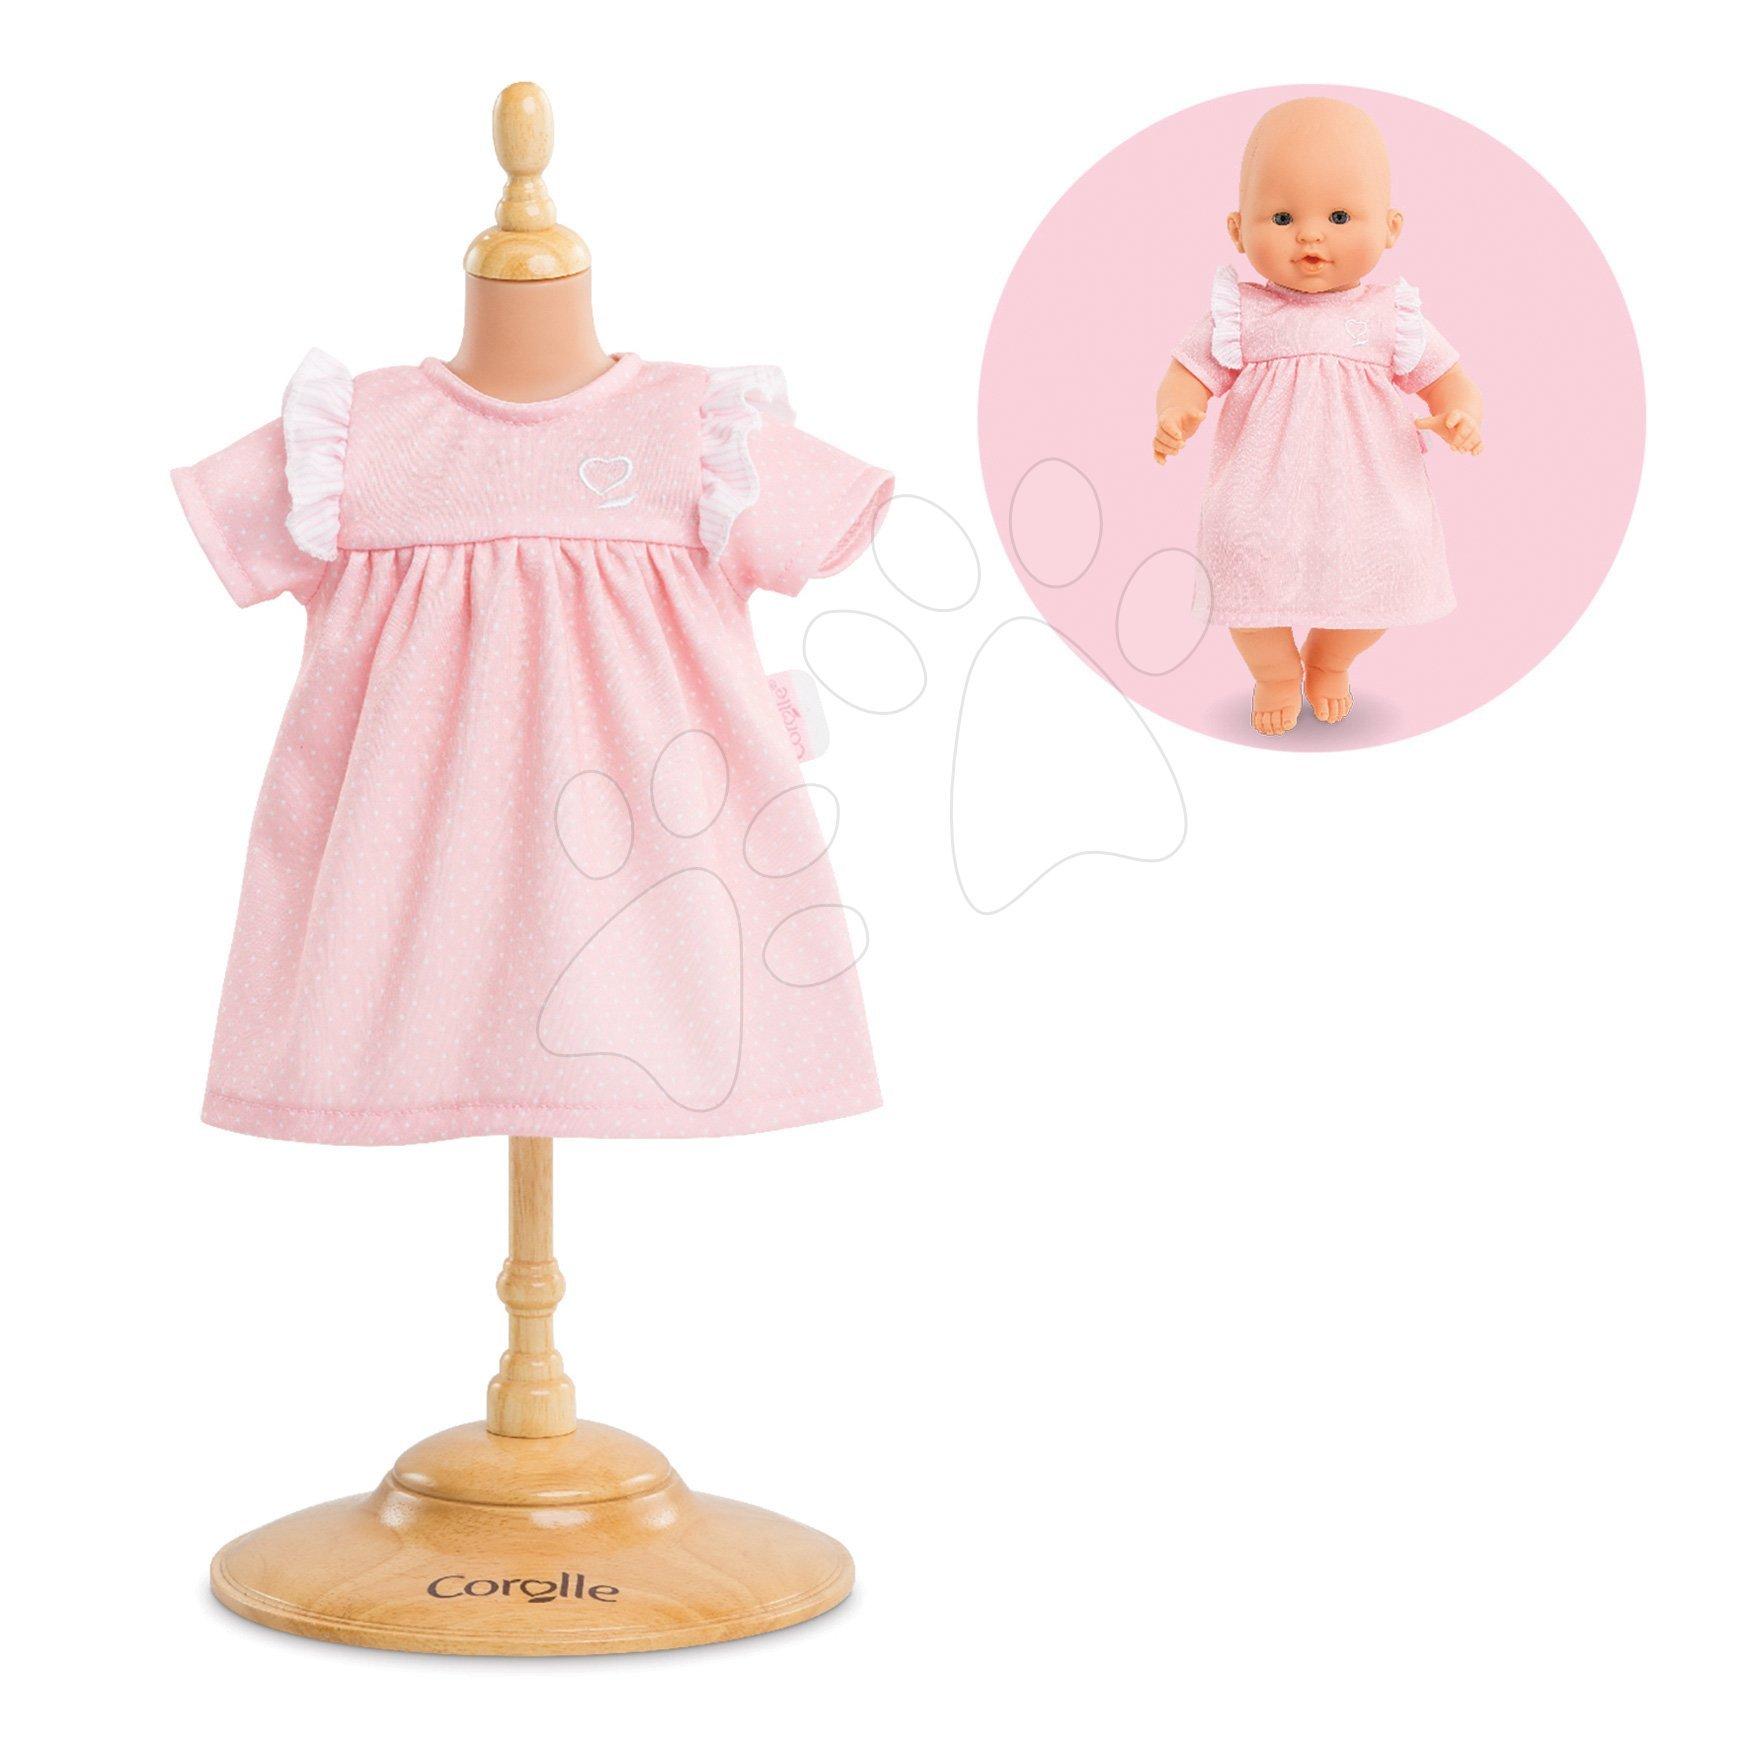 Oblečení Dress Candy Mon Grand Poupon Corolle pro 36 cm panenku od 24 měs